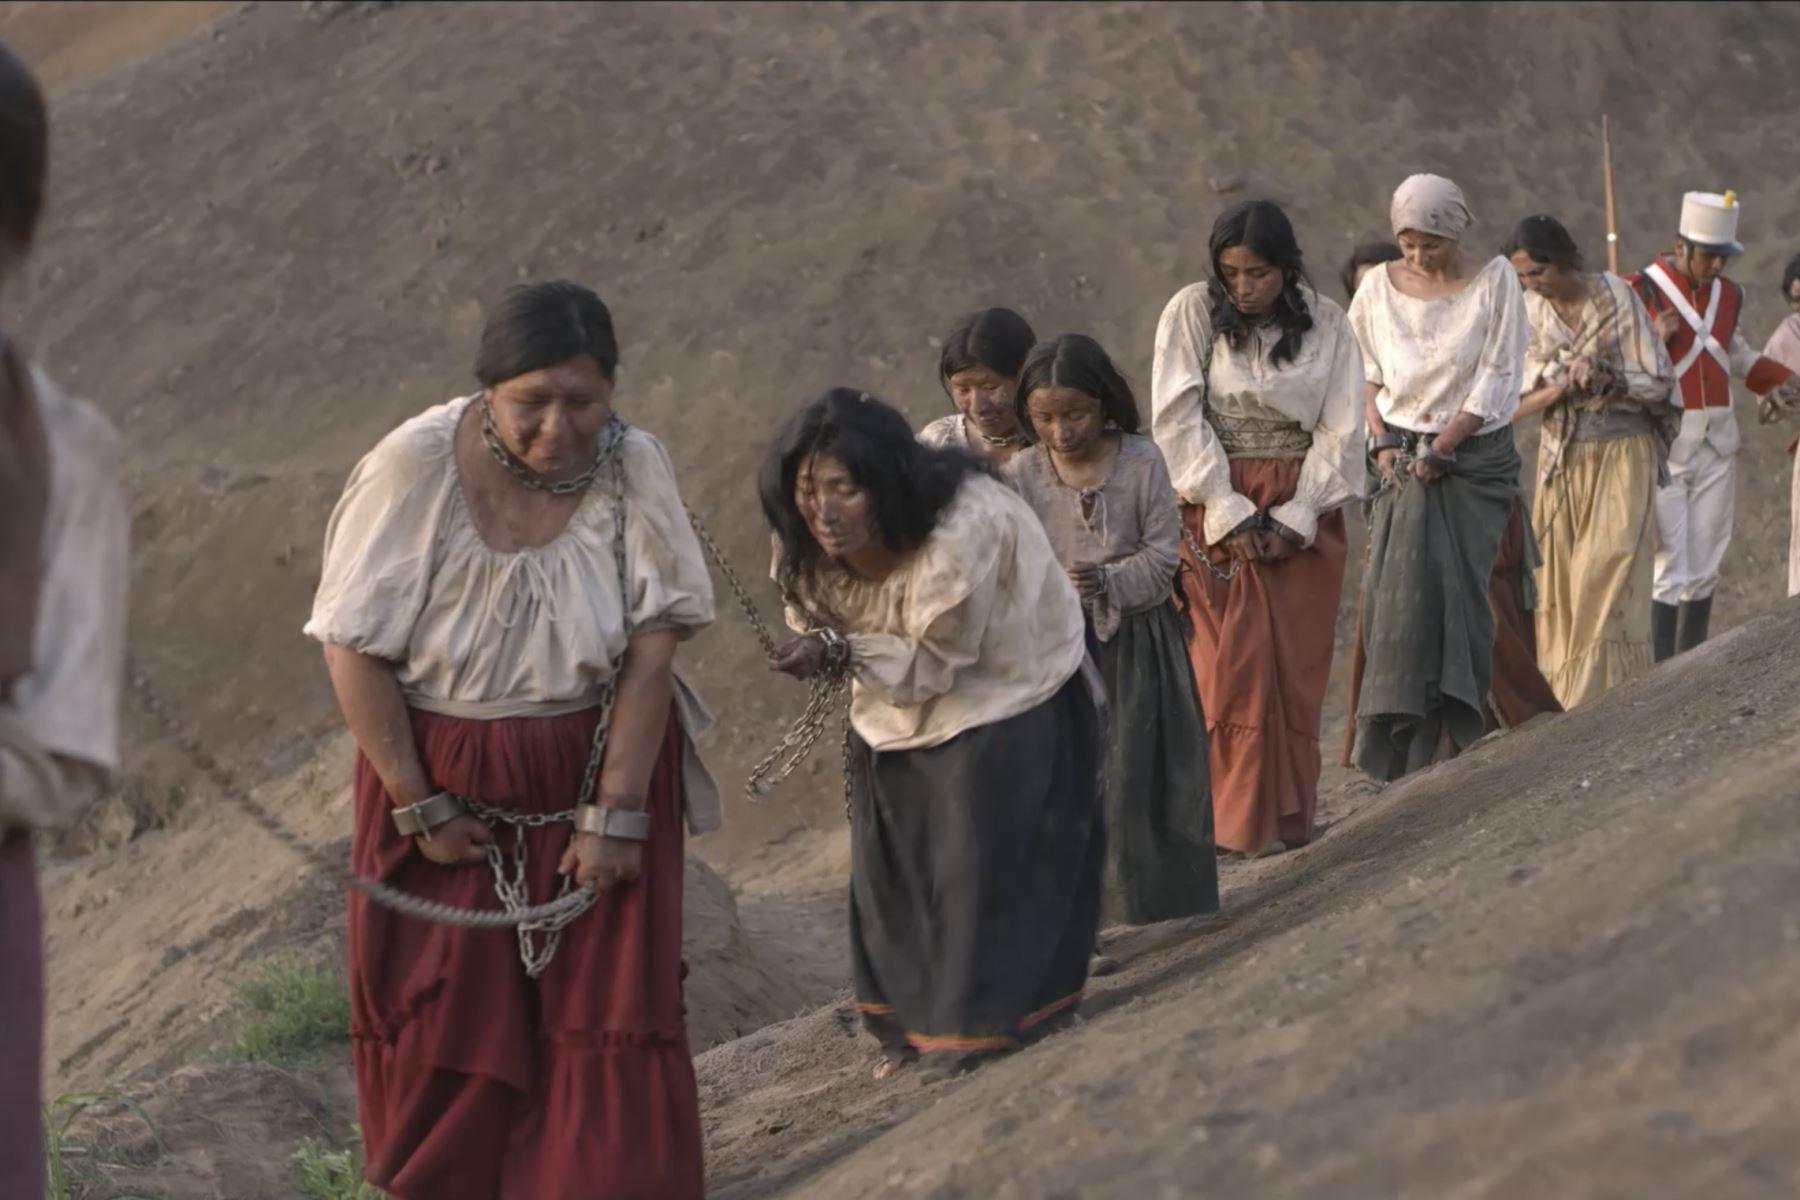 El último bastión es la primera serie peruana y la primera de una televisora estatal latinoamericana que llega a la plataforma mundial Netflix. El trabajo producido por TV Perú cosecha buenas críticas en Hispanoamérica. Foto: TV Perú